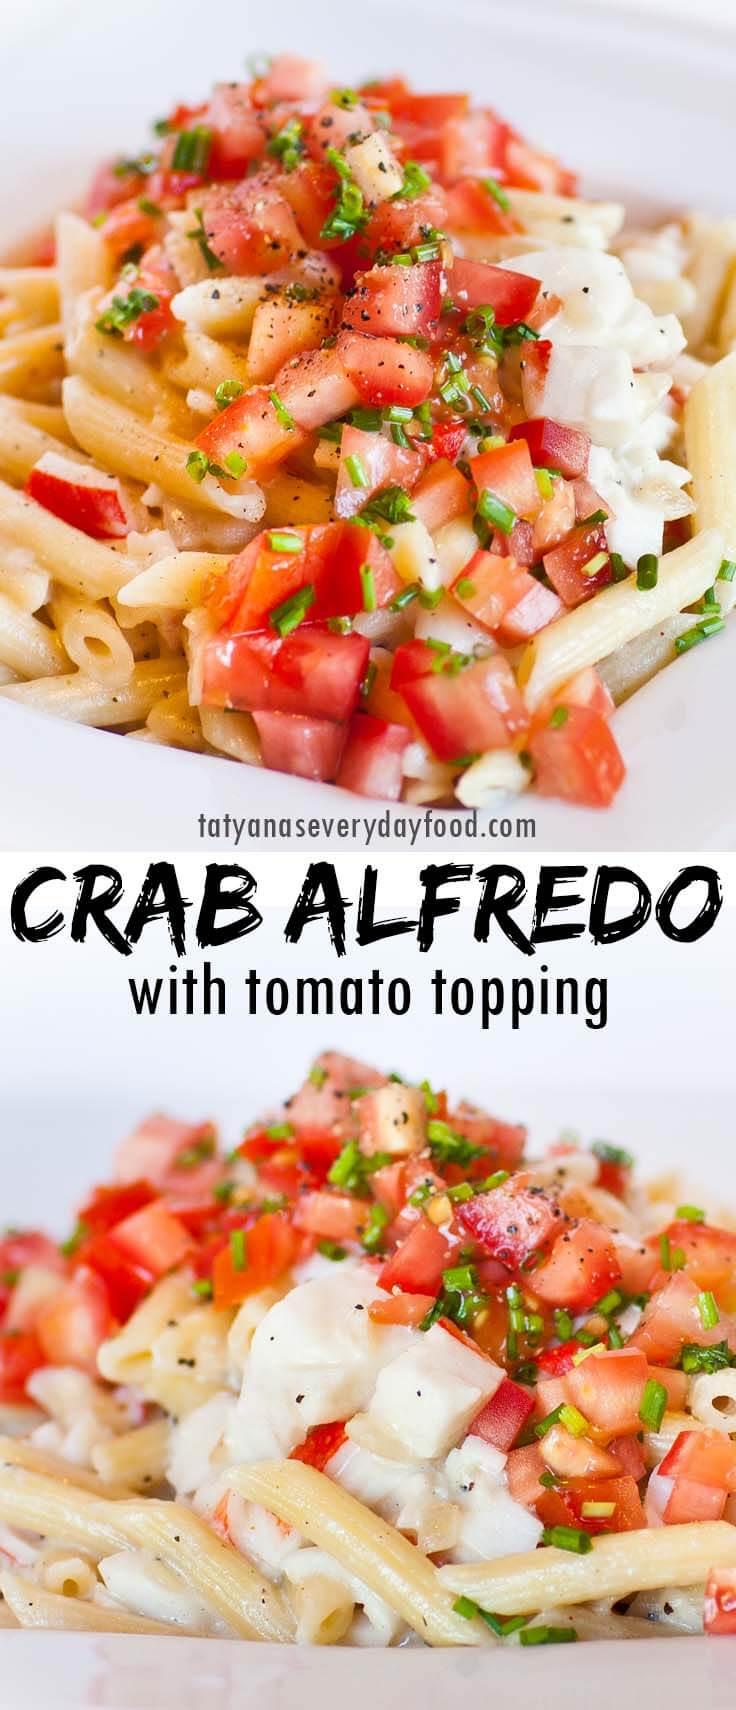 Creamy Crab Alfredo Pasta recipe